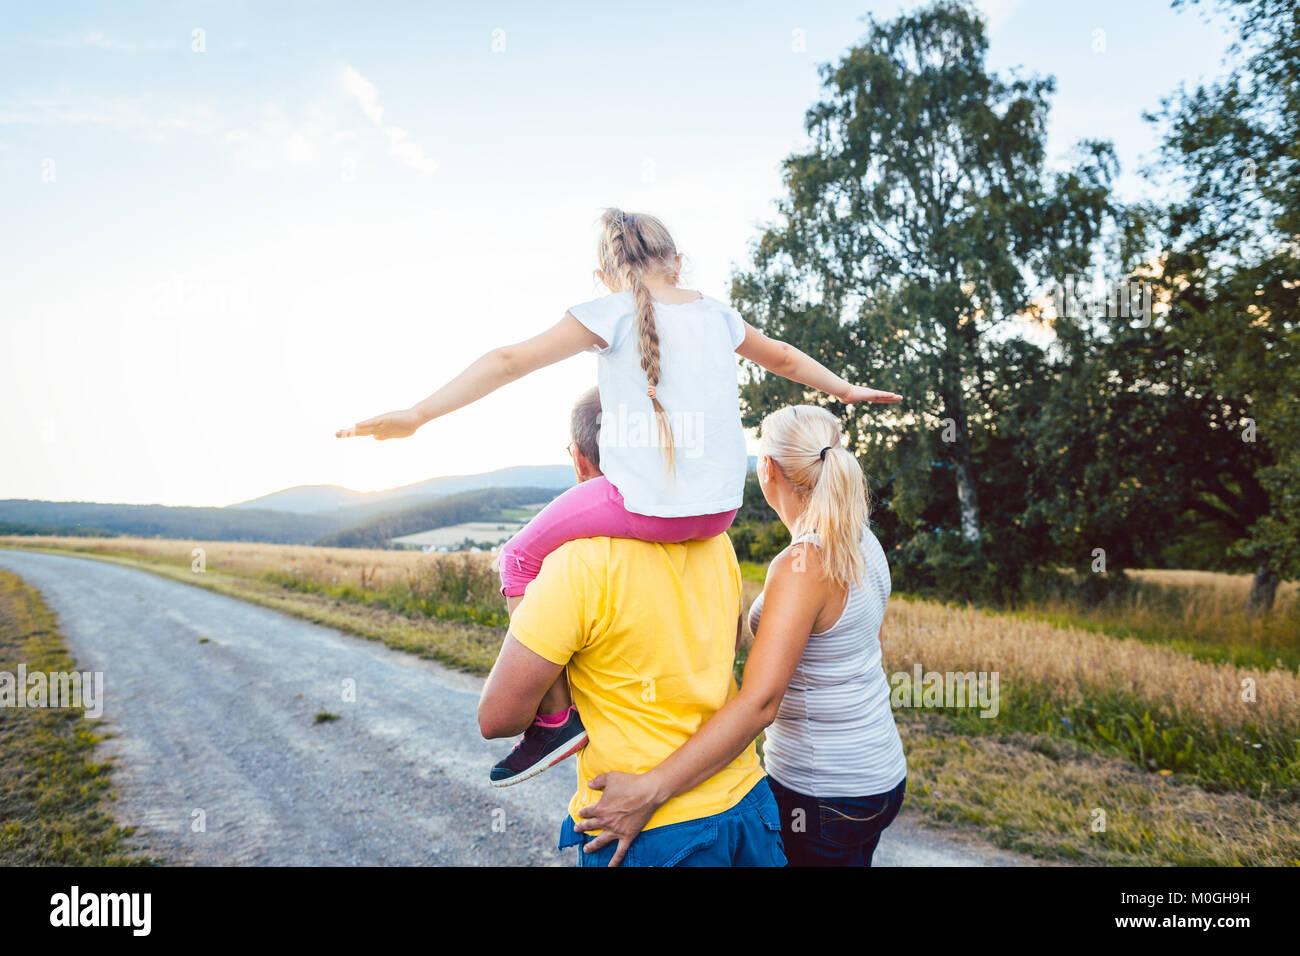 L'exécution de la famille sur le dos de l'enfant à pied l'été Photo Stock